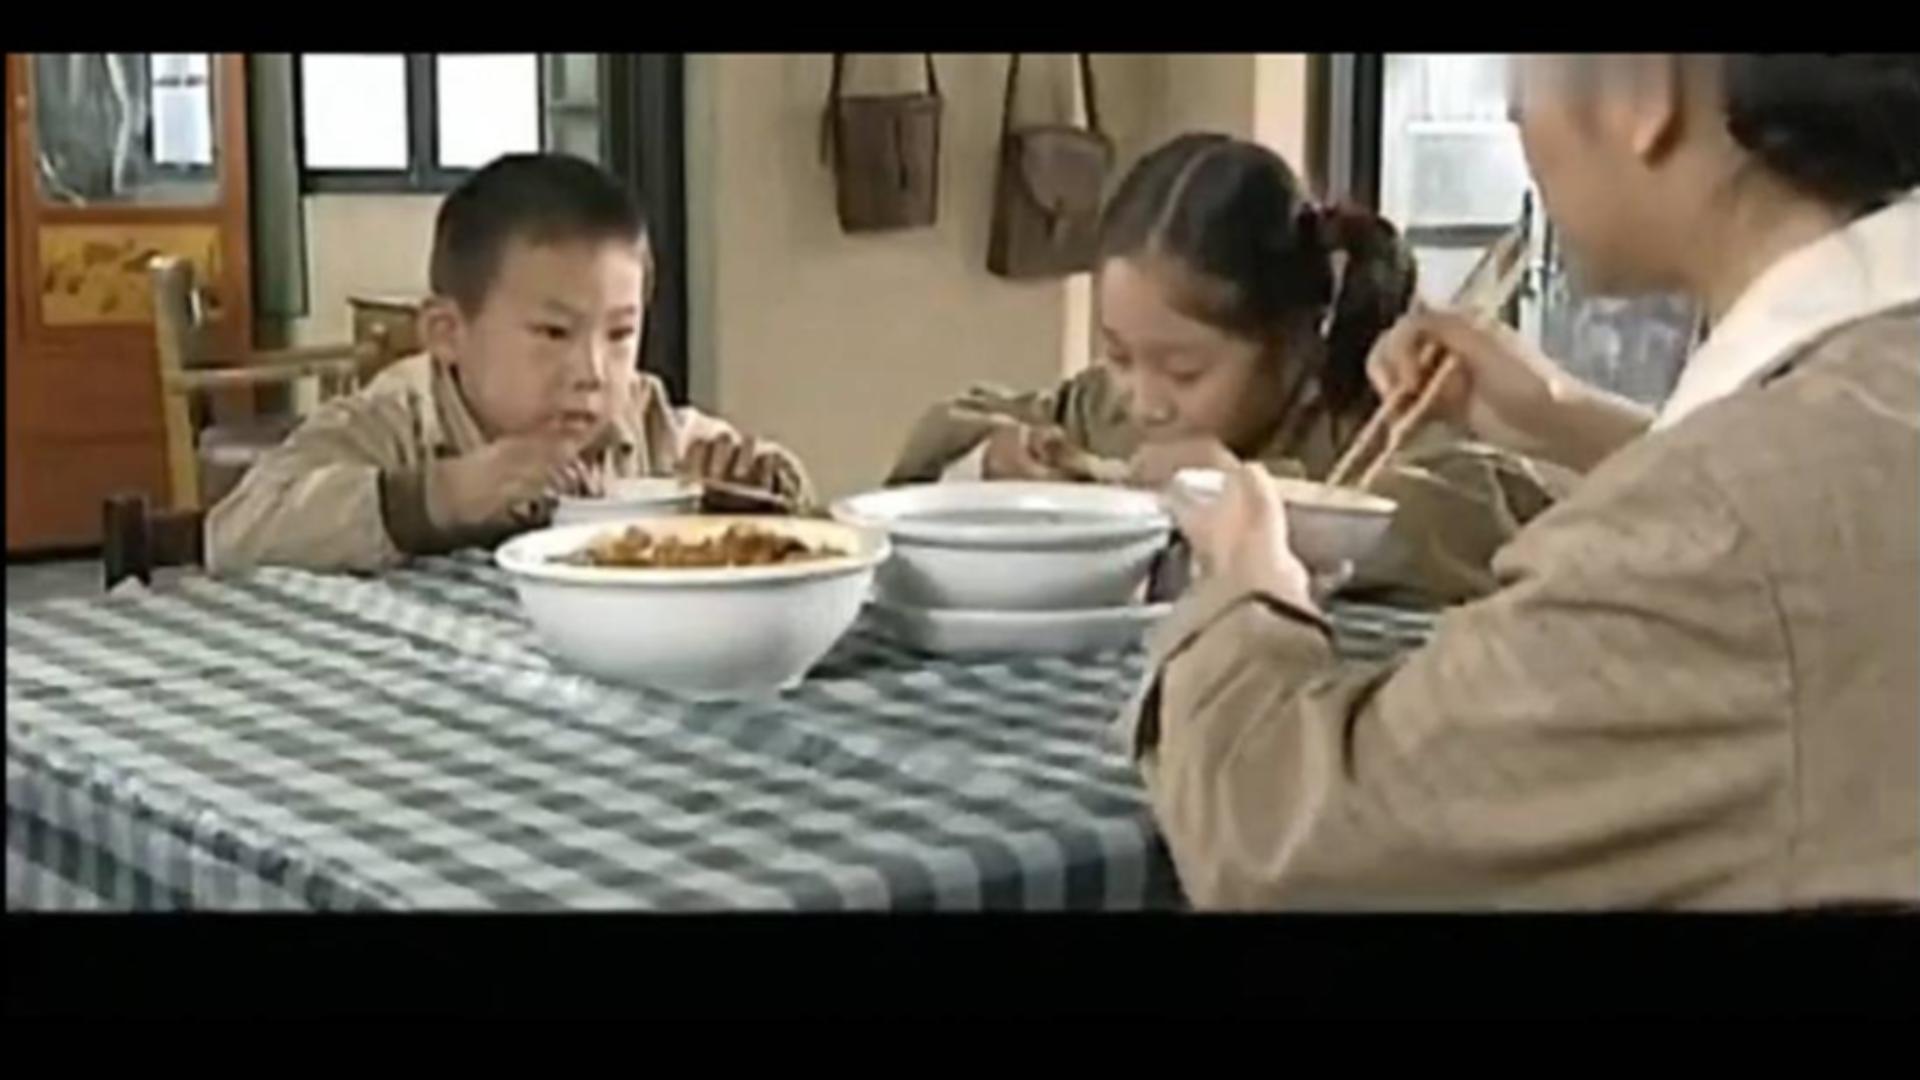 甄子丹金城武等人吃火锅,小朋友吃兔肉,看饿了系列